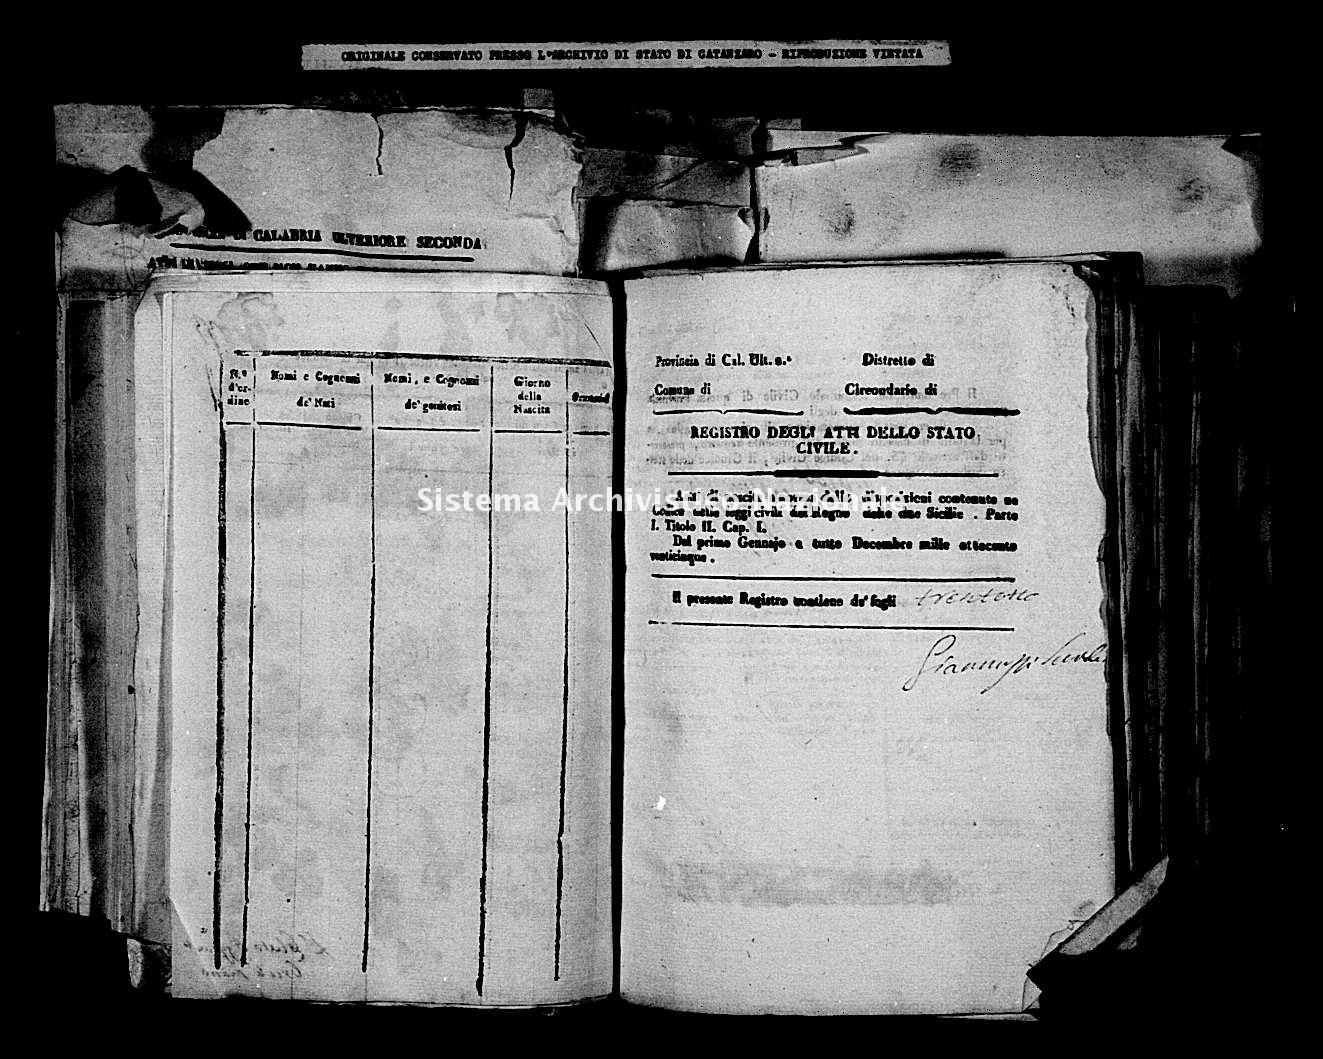 Archivio di stato di Catanzaro - Stato civile della restaurazione - Carfizzi - Nati - 1825 -